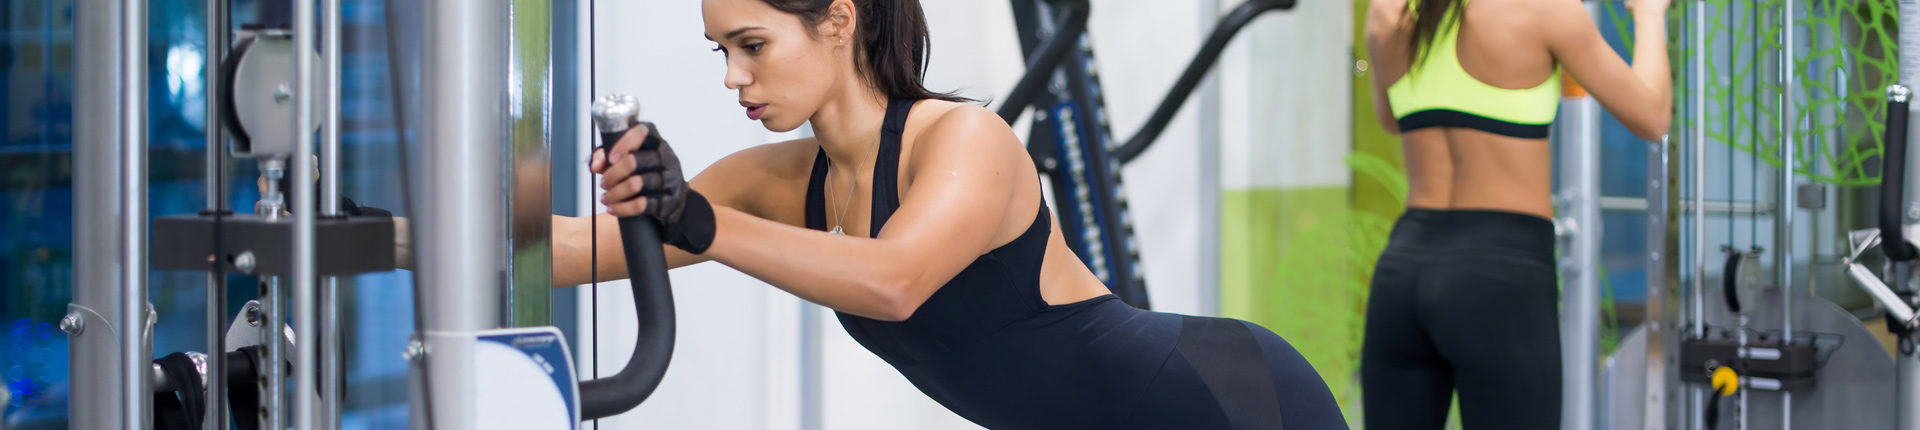 Trening na siłowni a miesiączka - czy można ćwiczyć?